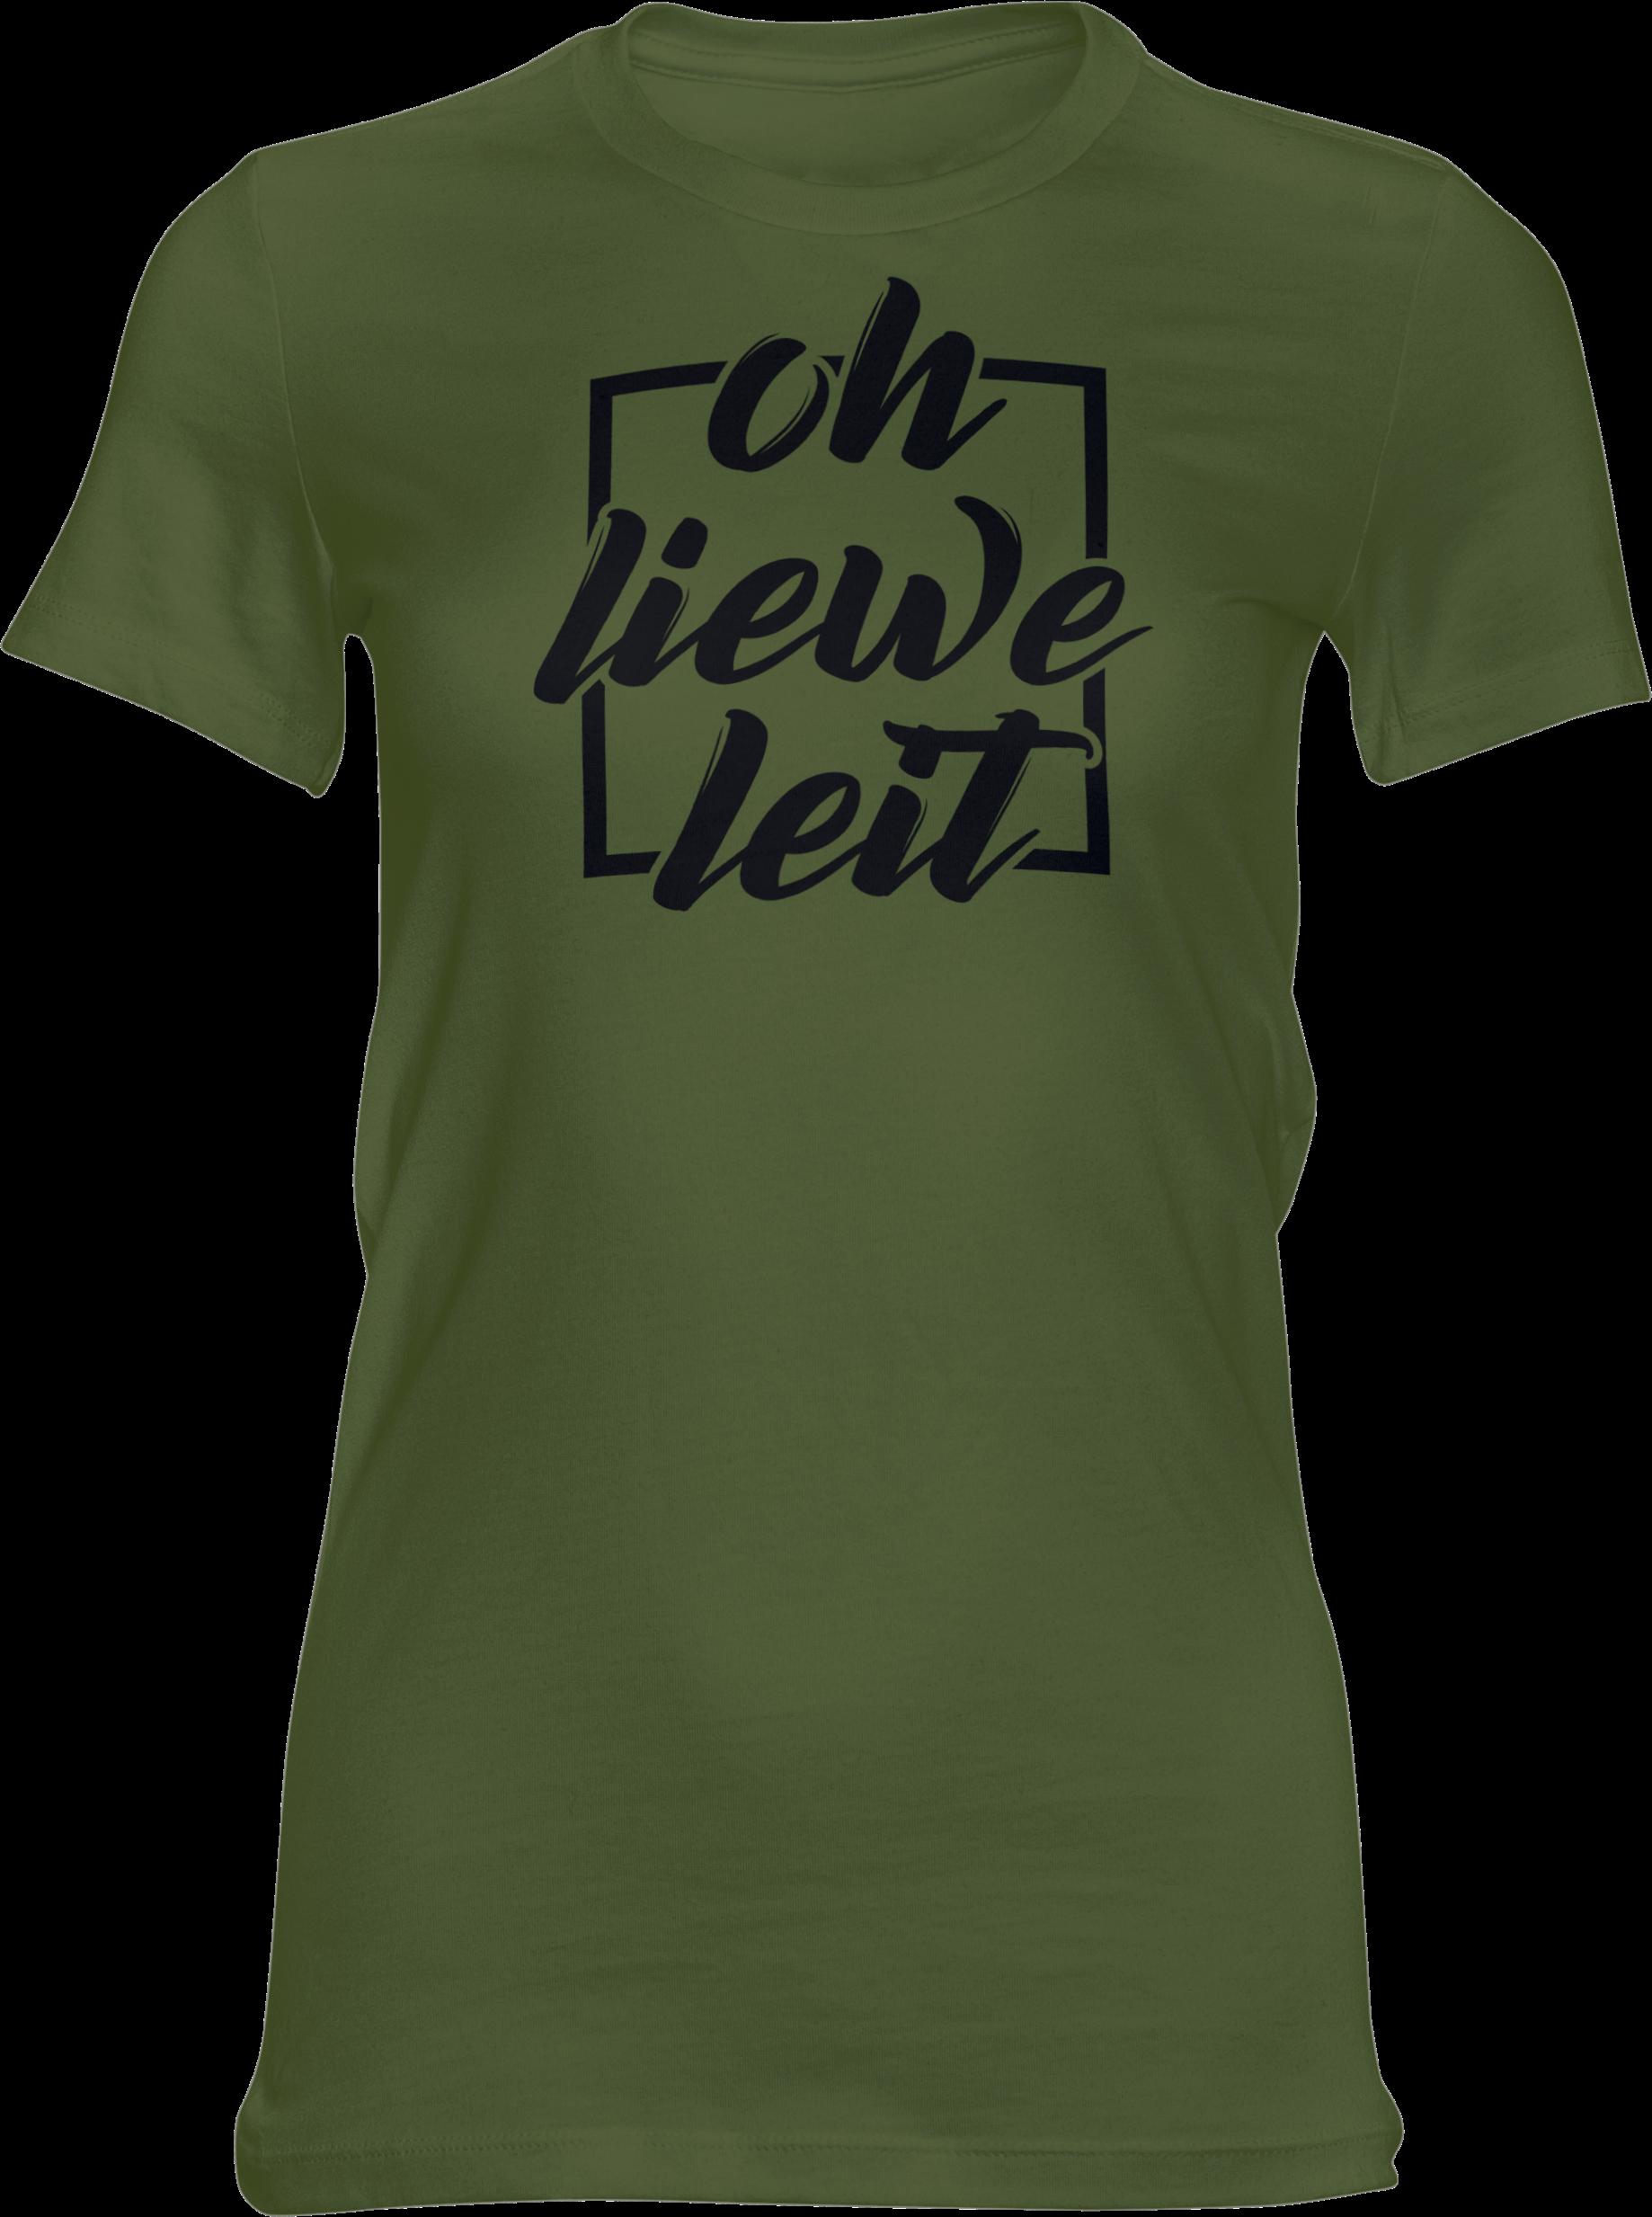 Motiv-Shirt – Oh liewe Leit – Girlie-Shirt (grün)